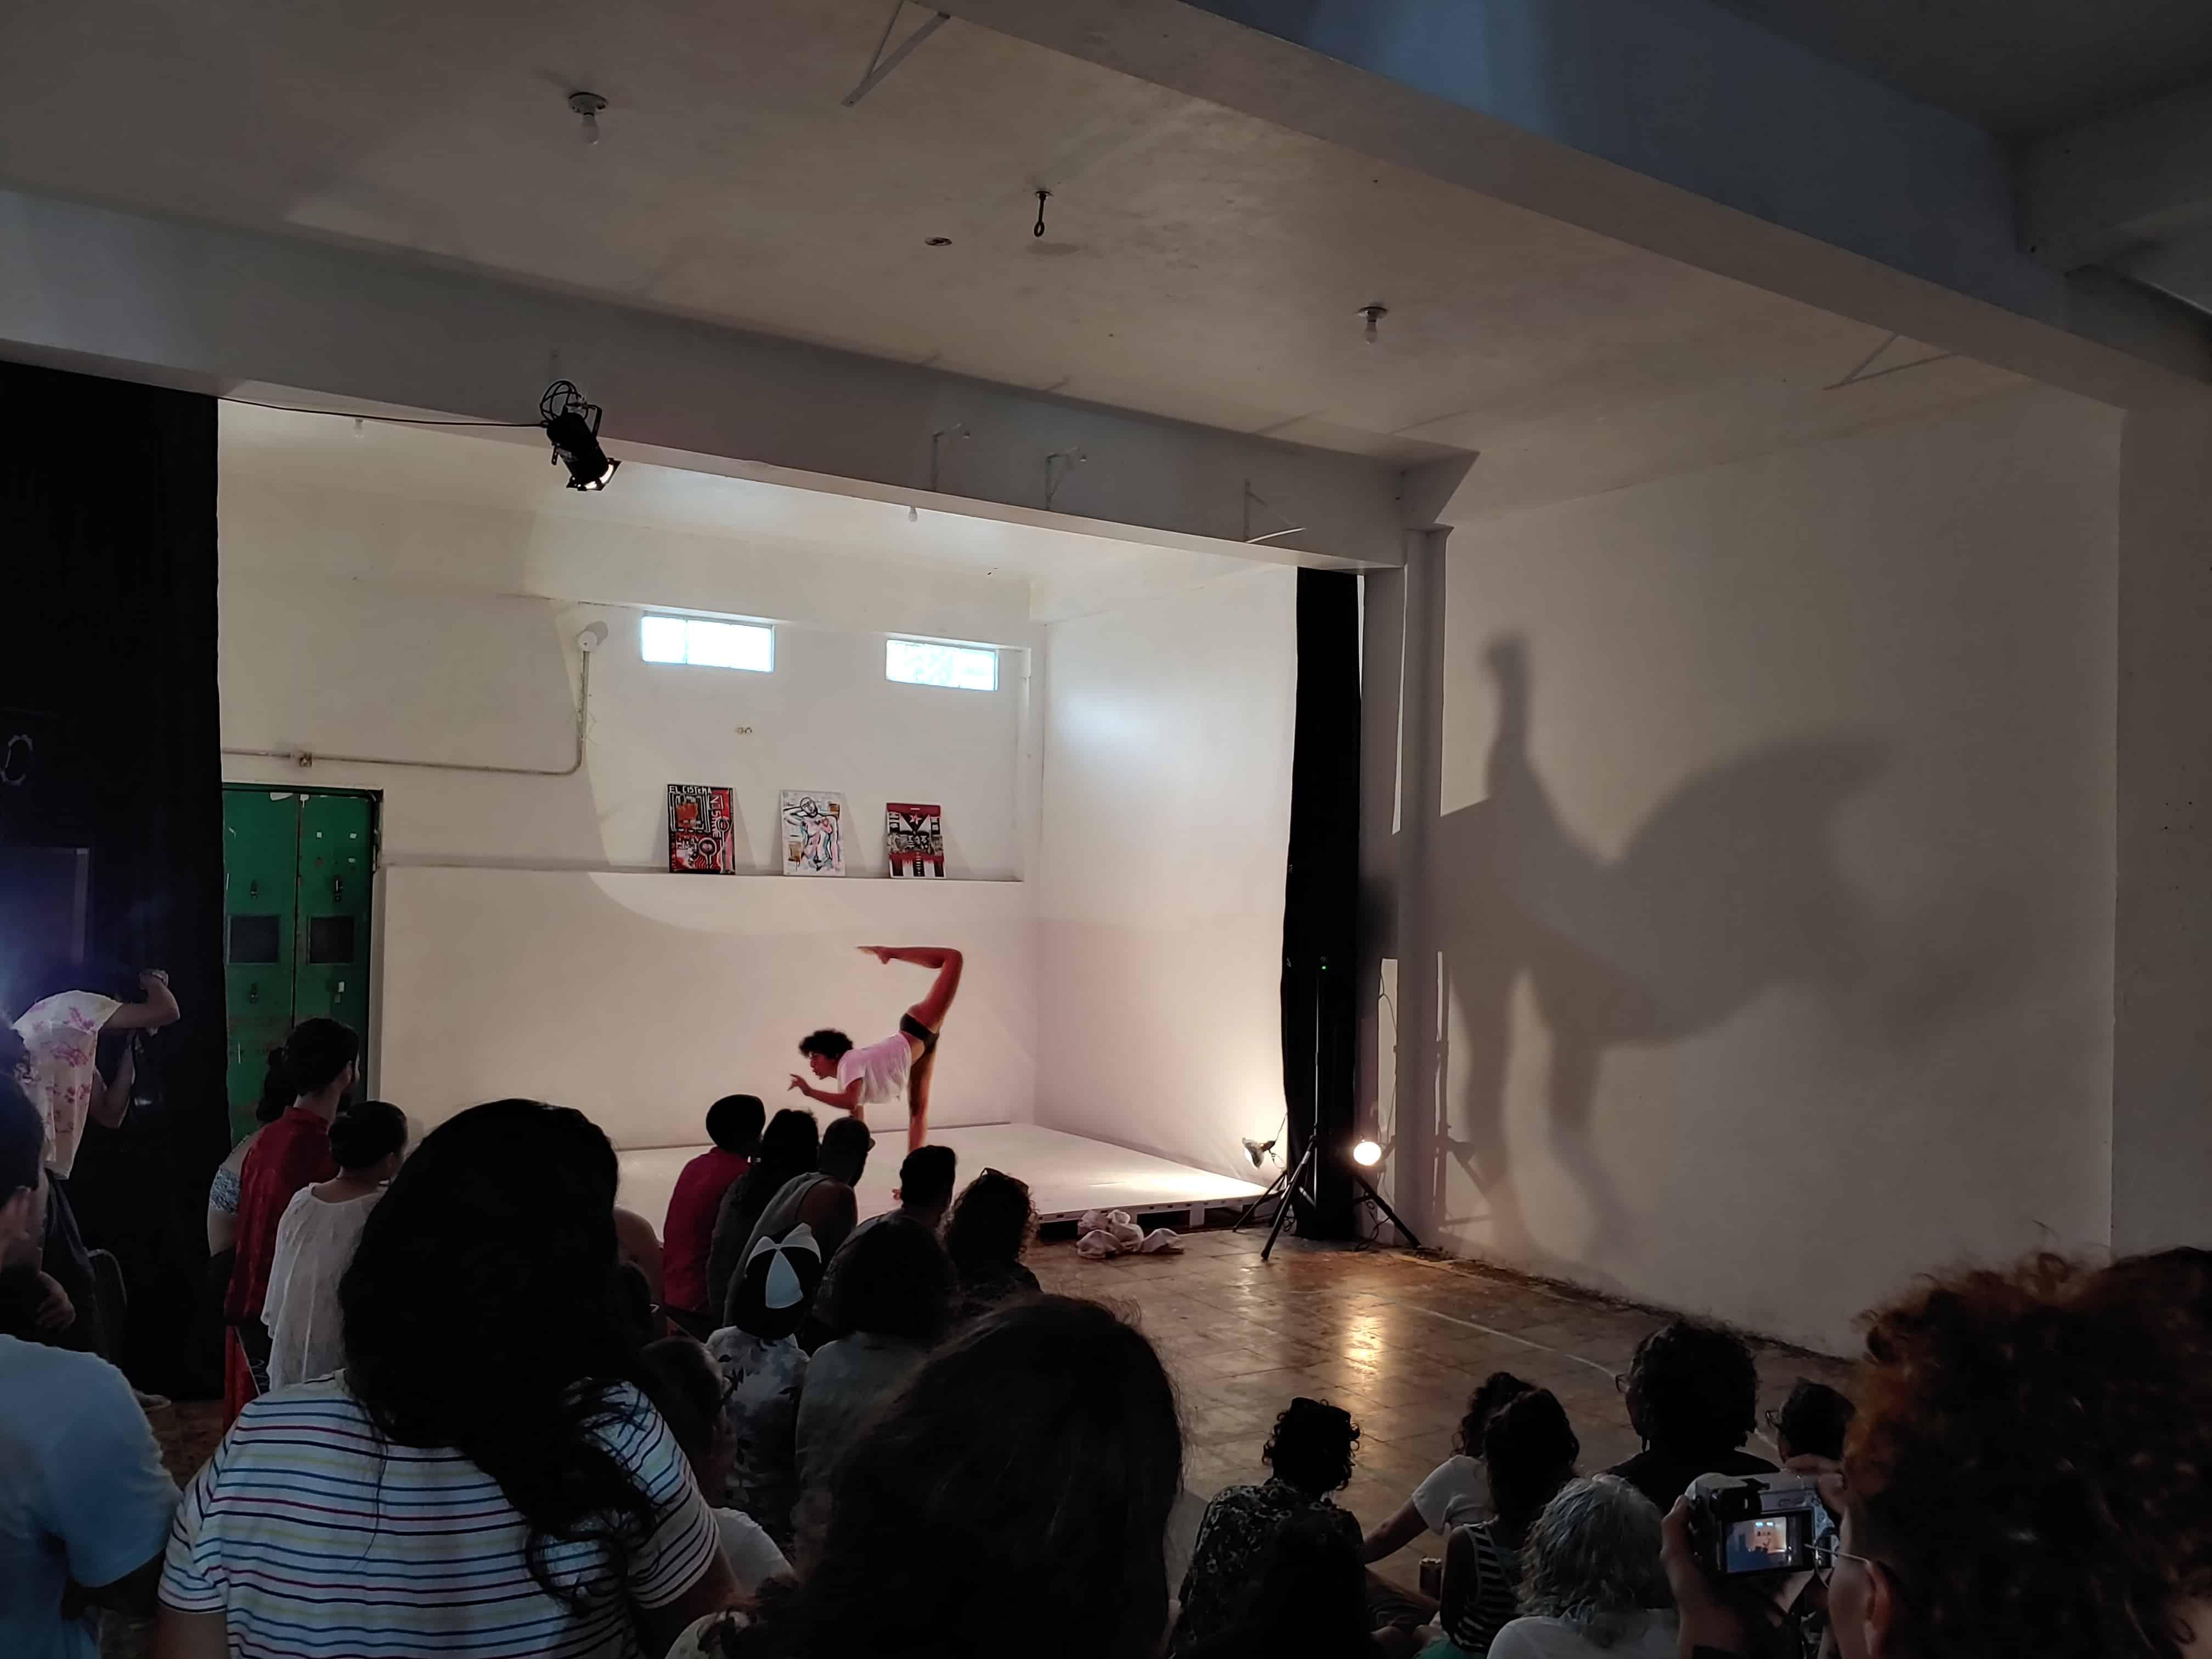 Artistas celebran festival para recaudar fondos para una operación de afirmación de género